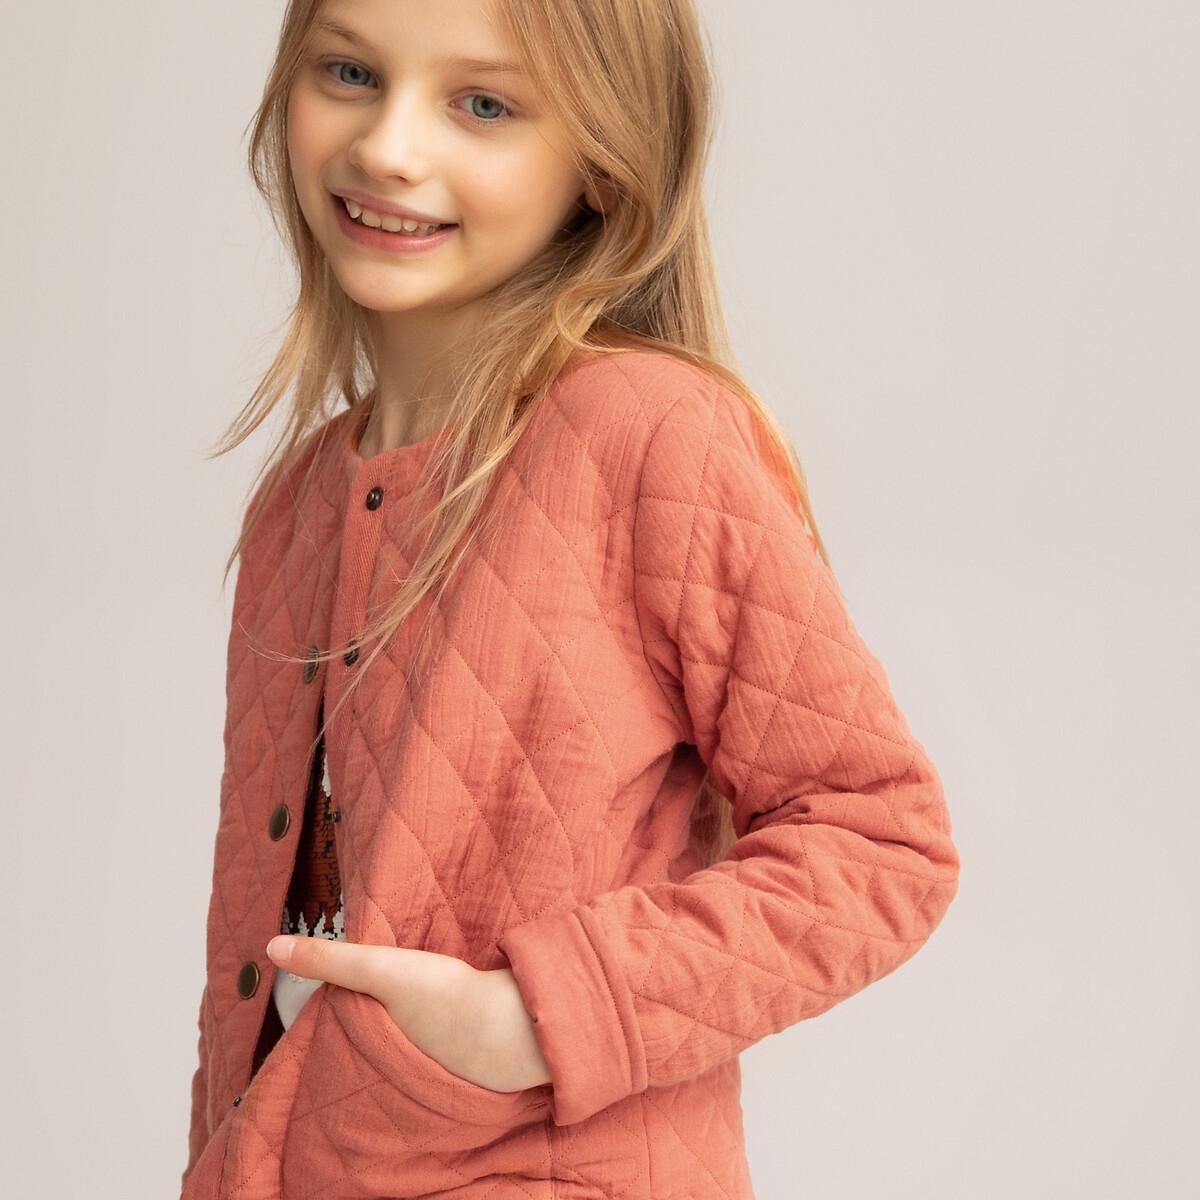 Фото - Куртка LaRedoute Из хлопчатобумажной газовой ткани 3-12 лет 10 лет - 138 см розовый платье laredoute с короткими рукавами из хлопчатобумажной газовой ткани 3 12 лет 3 года 94 см розовый